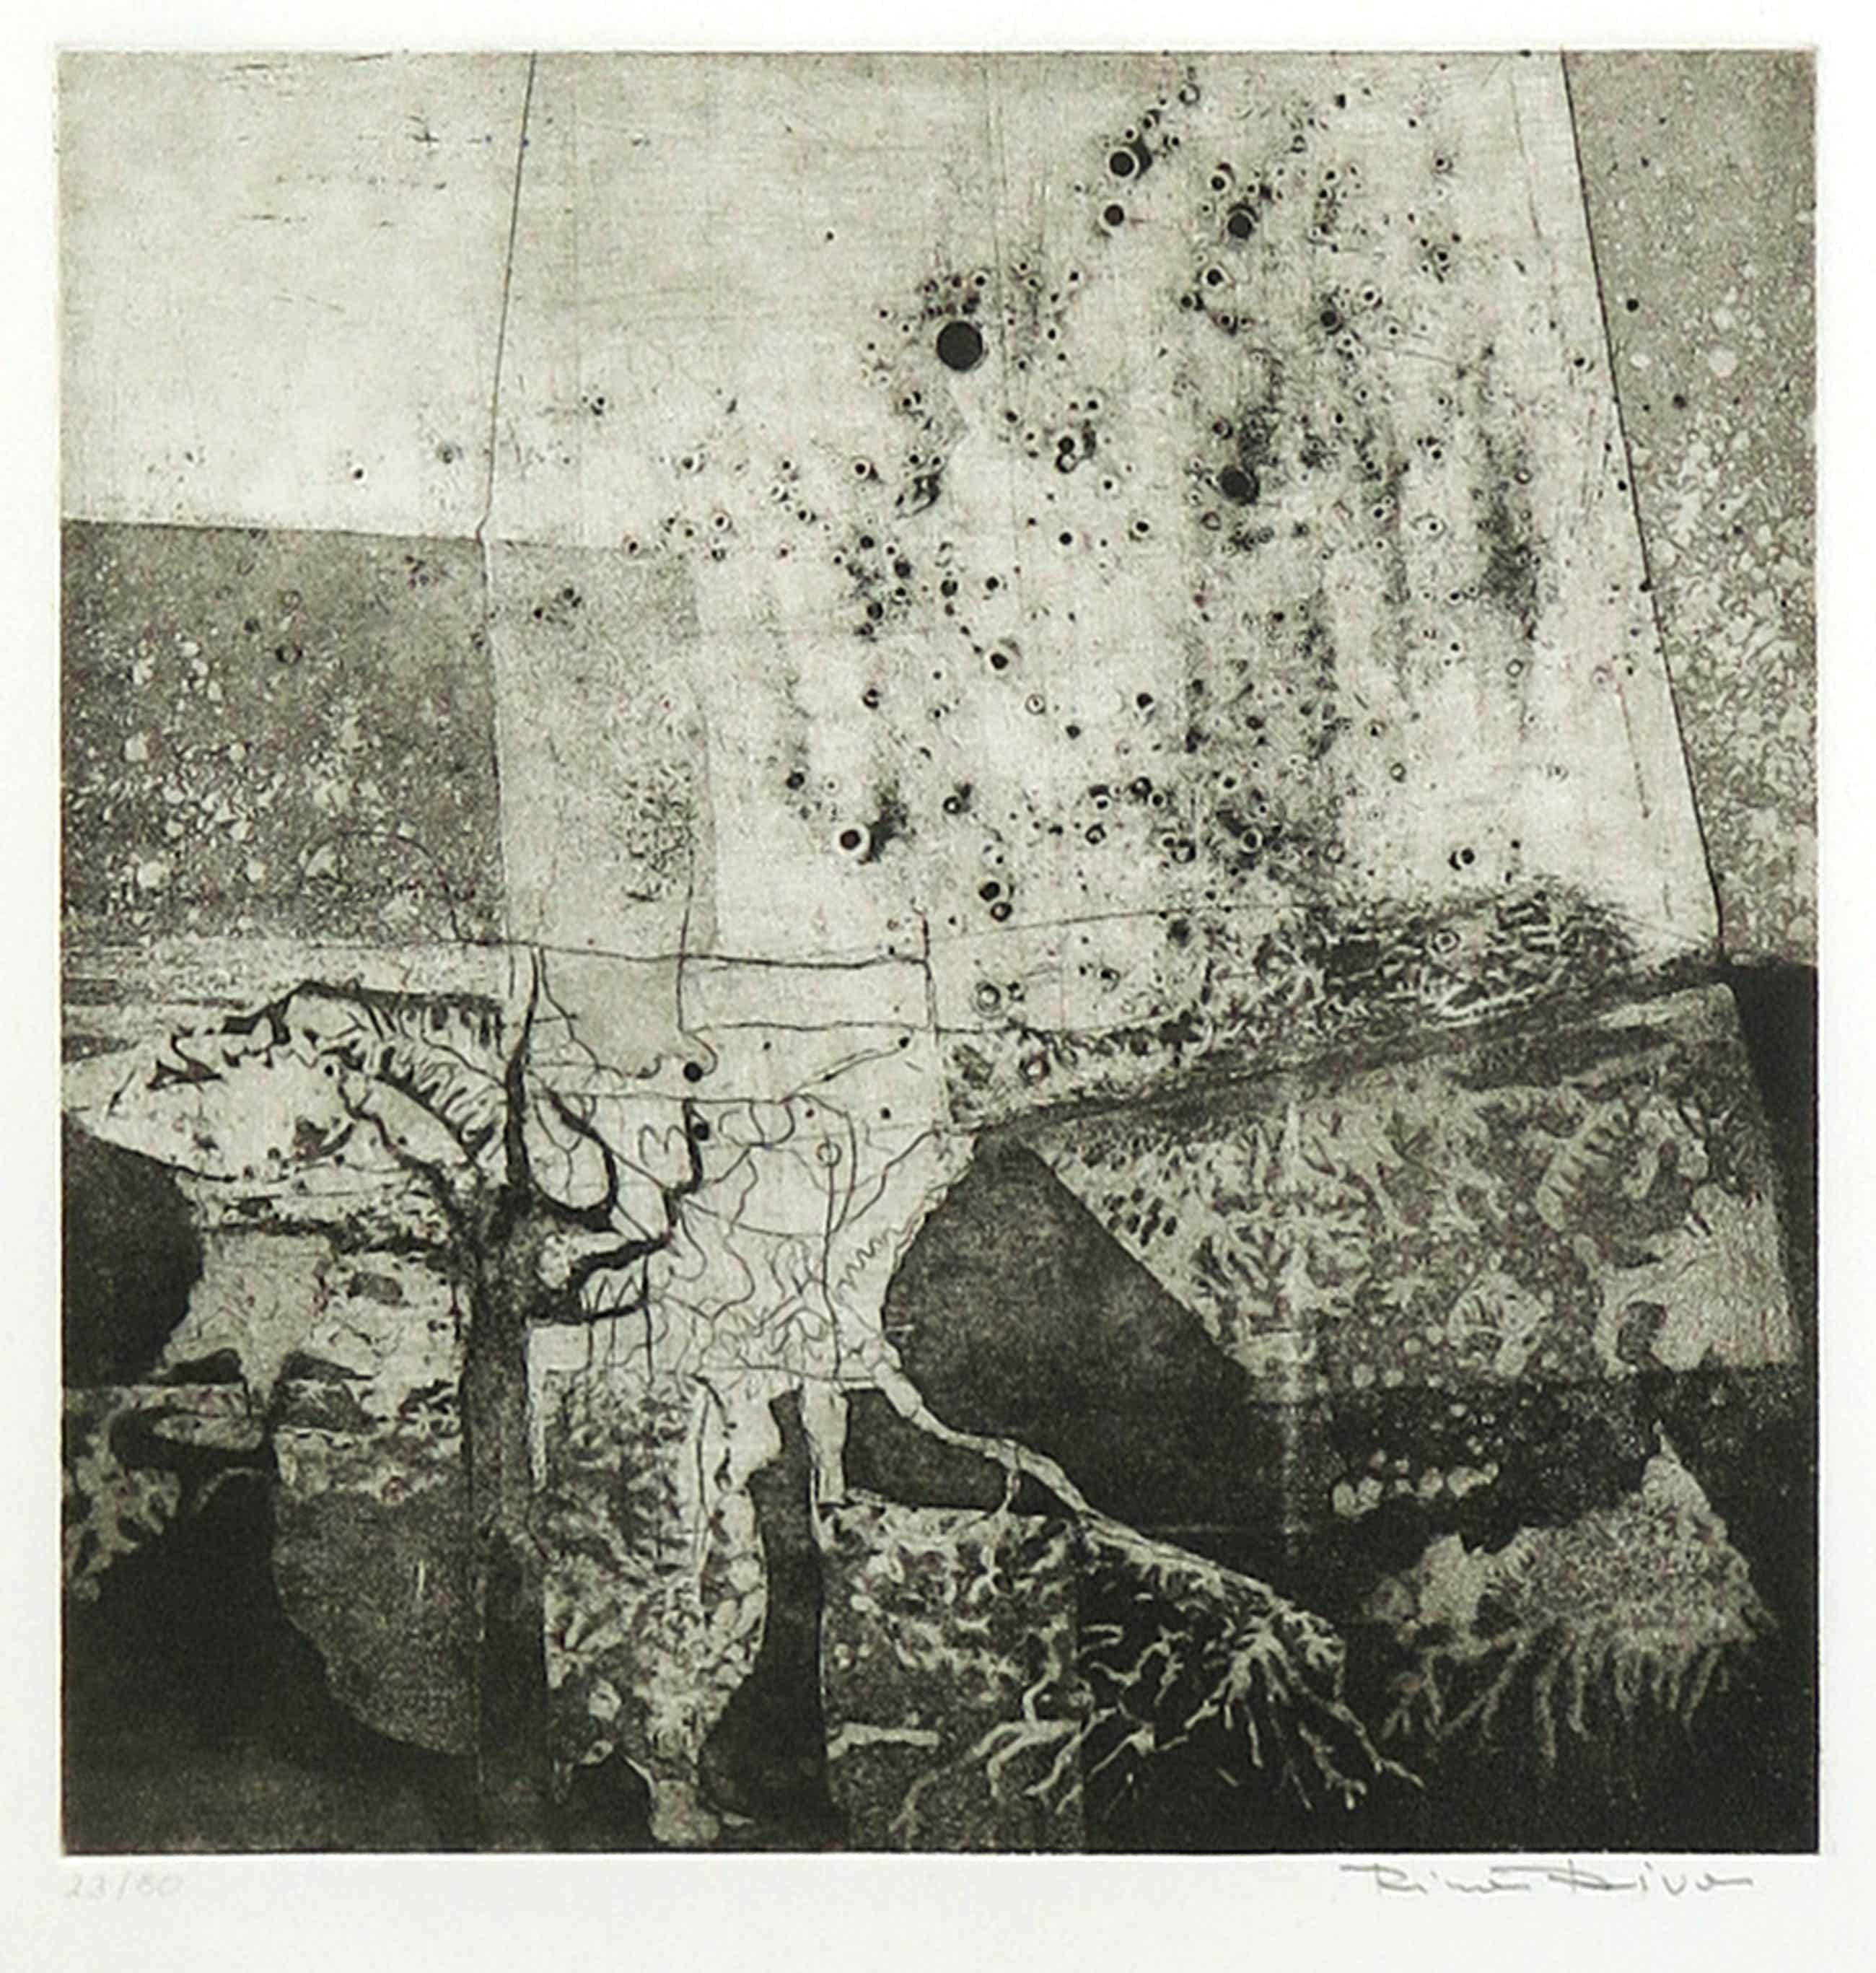 Rina Riva - Ets, Z.T. Abstracte compositie - Ingelijst kopen? Bied vanaf 120!